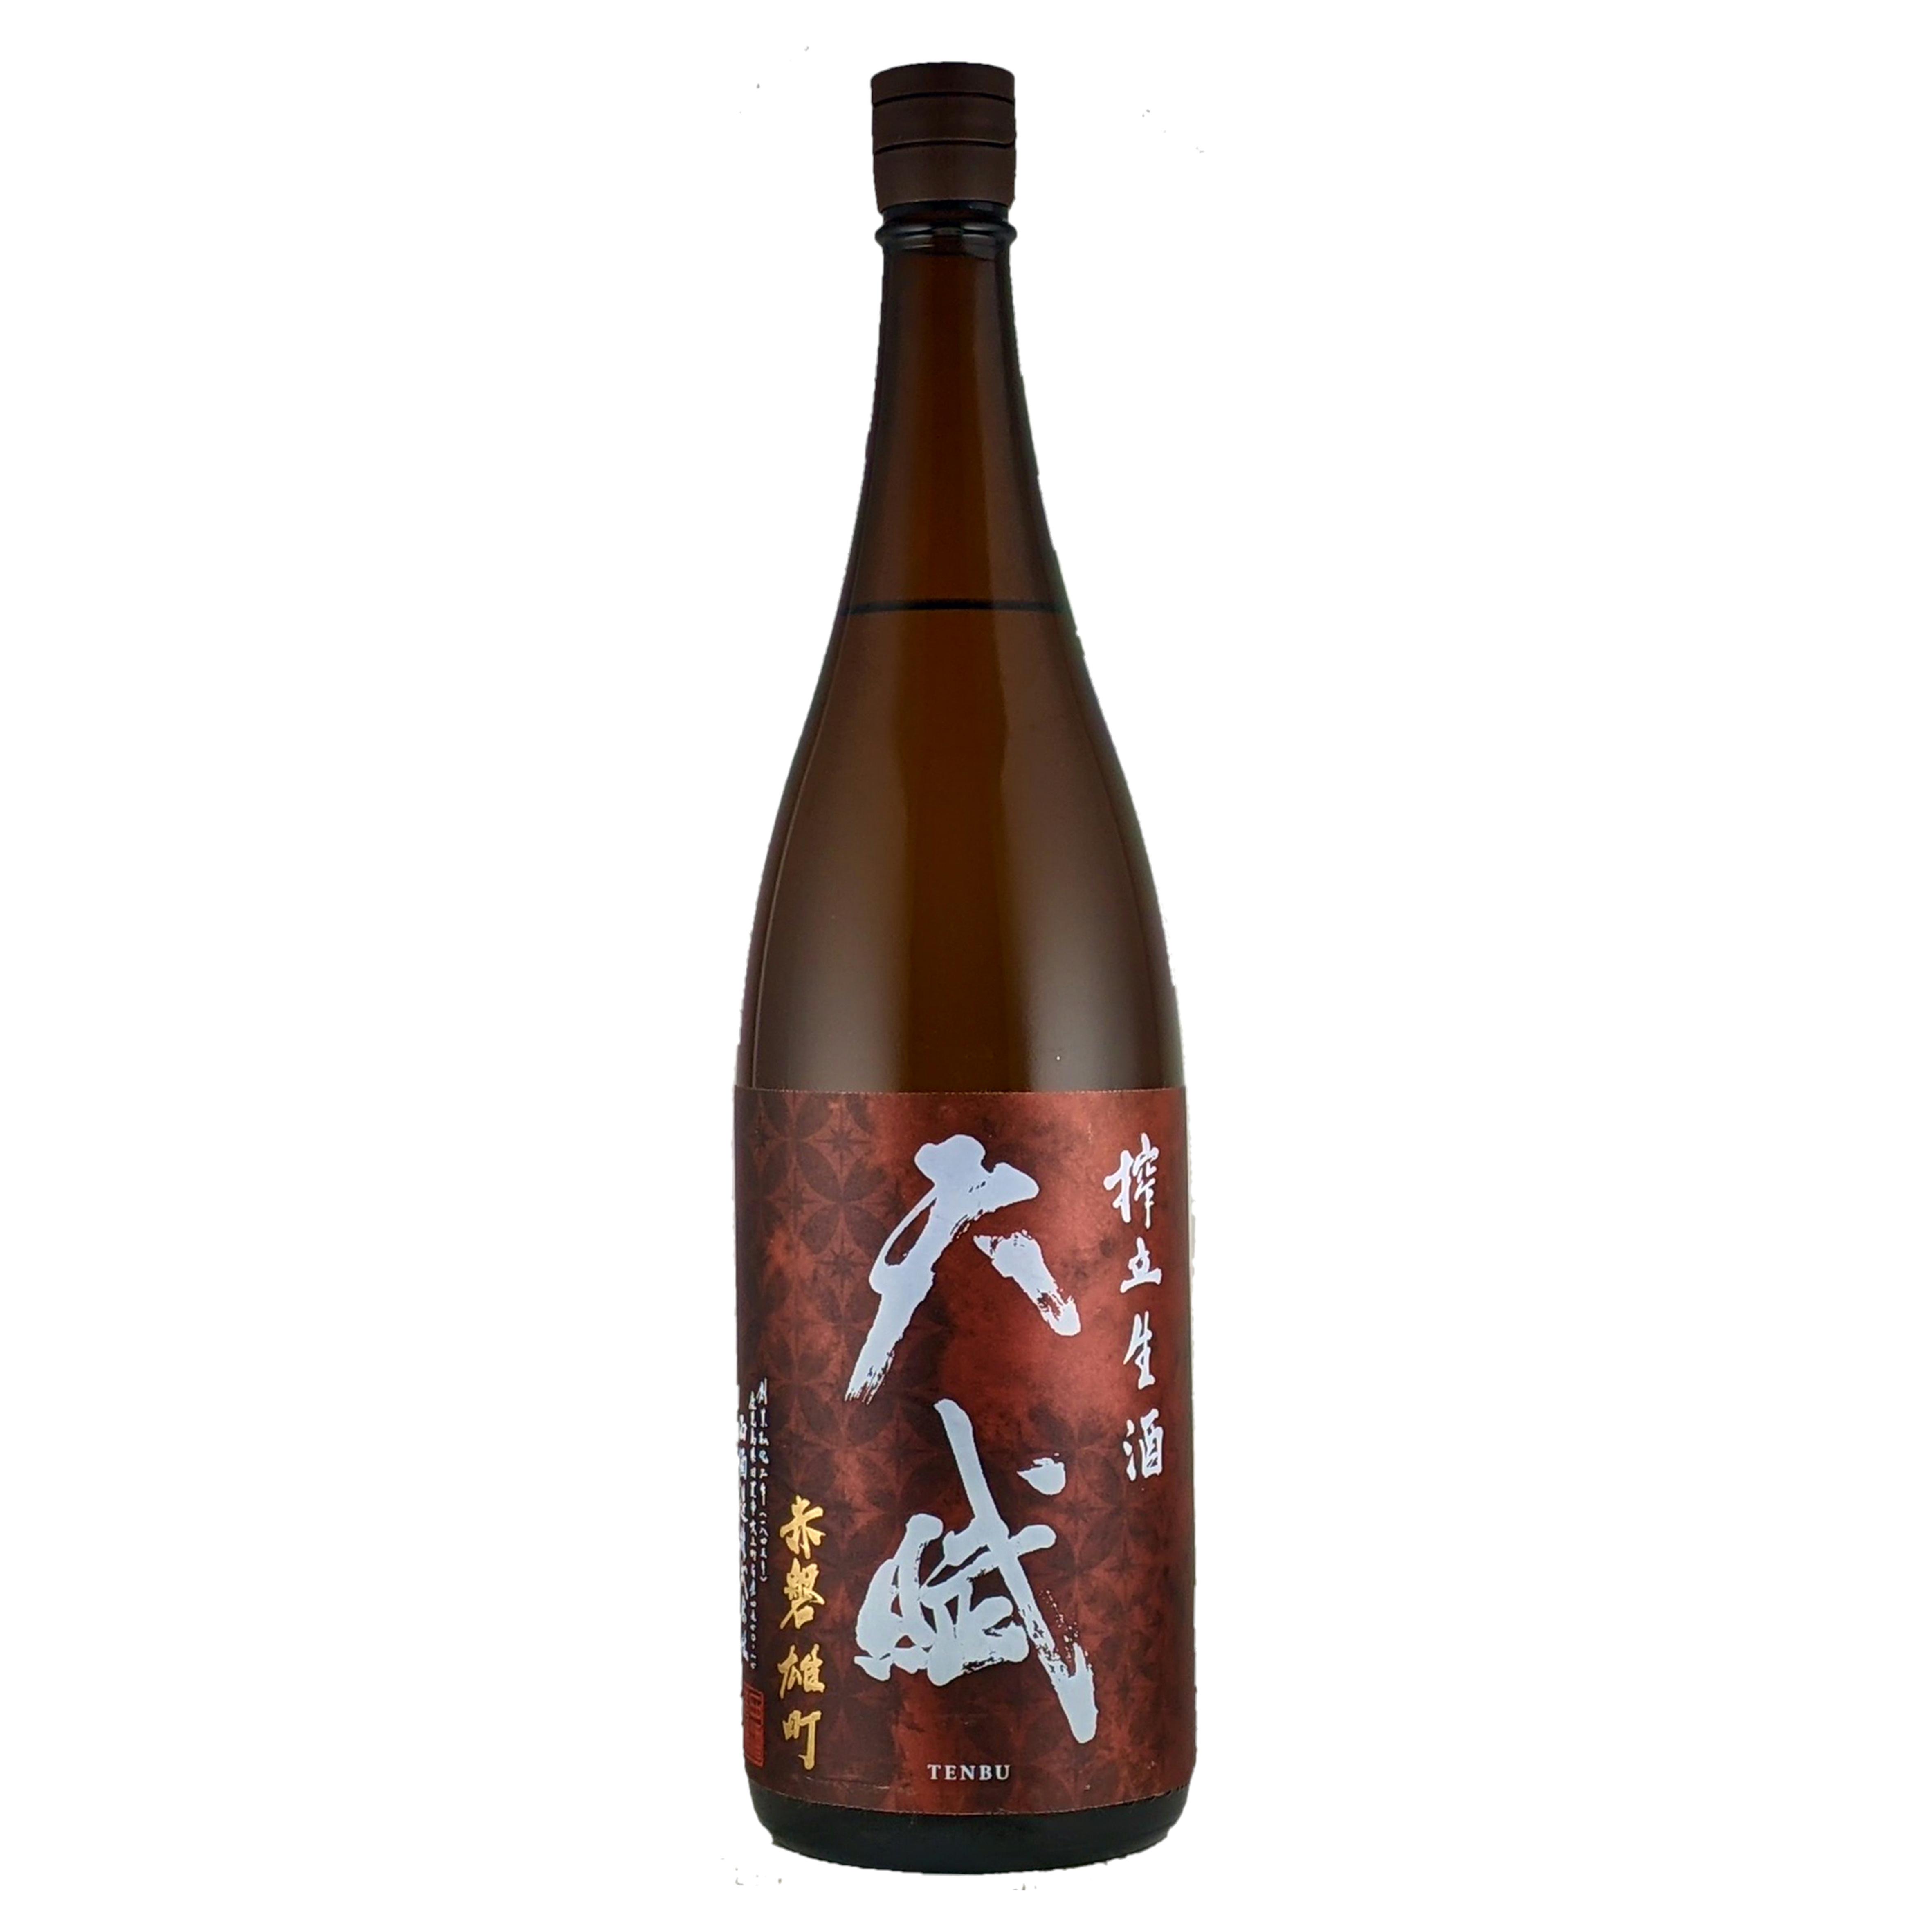 天賦(てんぶ)  赤磐雄町 純米吟醸 しぼりたて 生酒